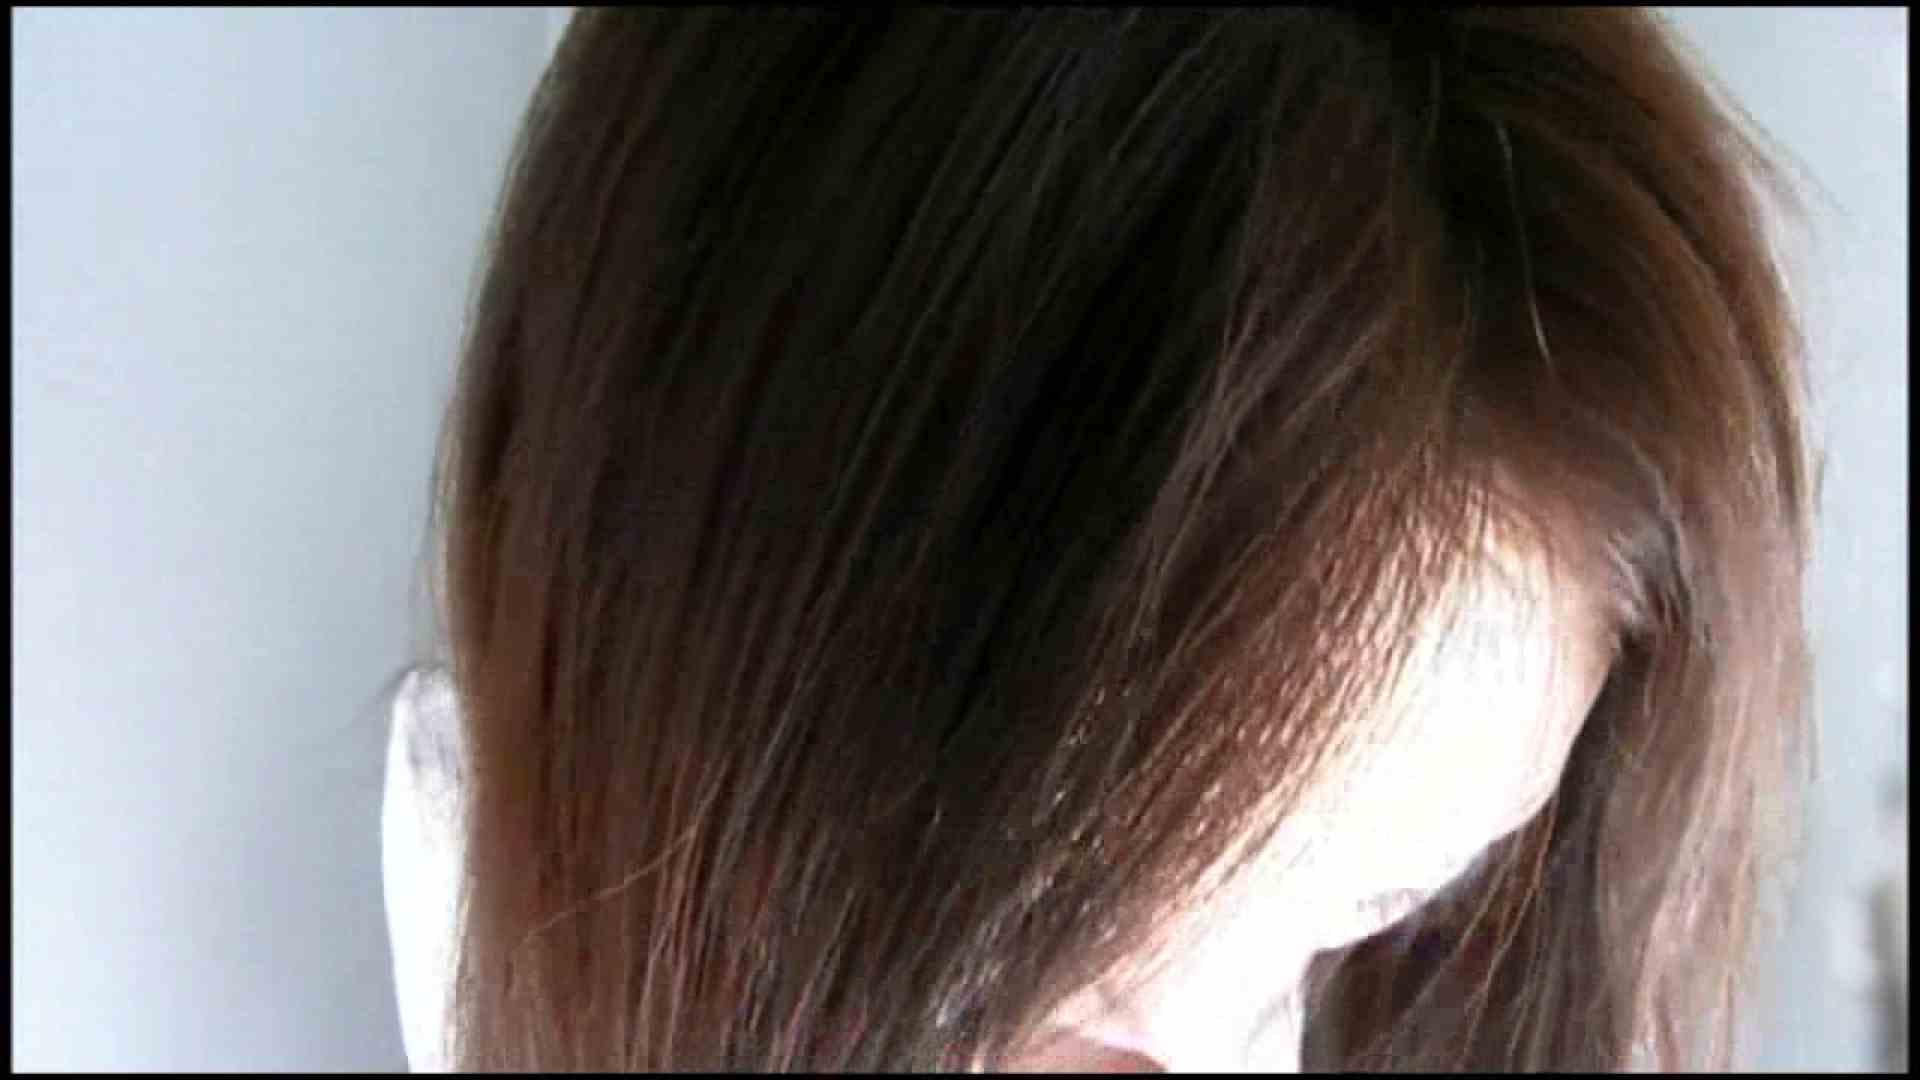 和式にまたがる女たちを待ちうけるカメラの衝撃映像vol.01 厠 | 接写  101pic 8